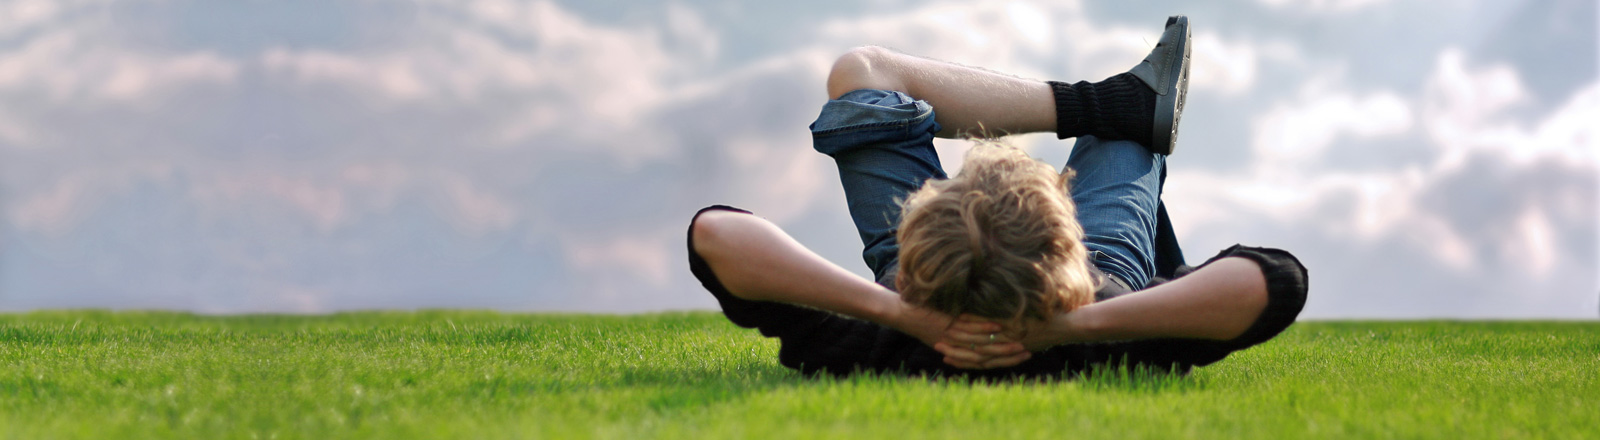 Ein Mann liegt auf einer grünen Wiese auf dem Rücken. Die Hände hat er hinter dem Kopf verschränkt. Das rechte Bein angewinkelt und das linke darüber gelegt.